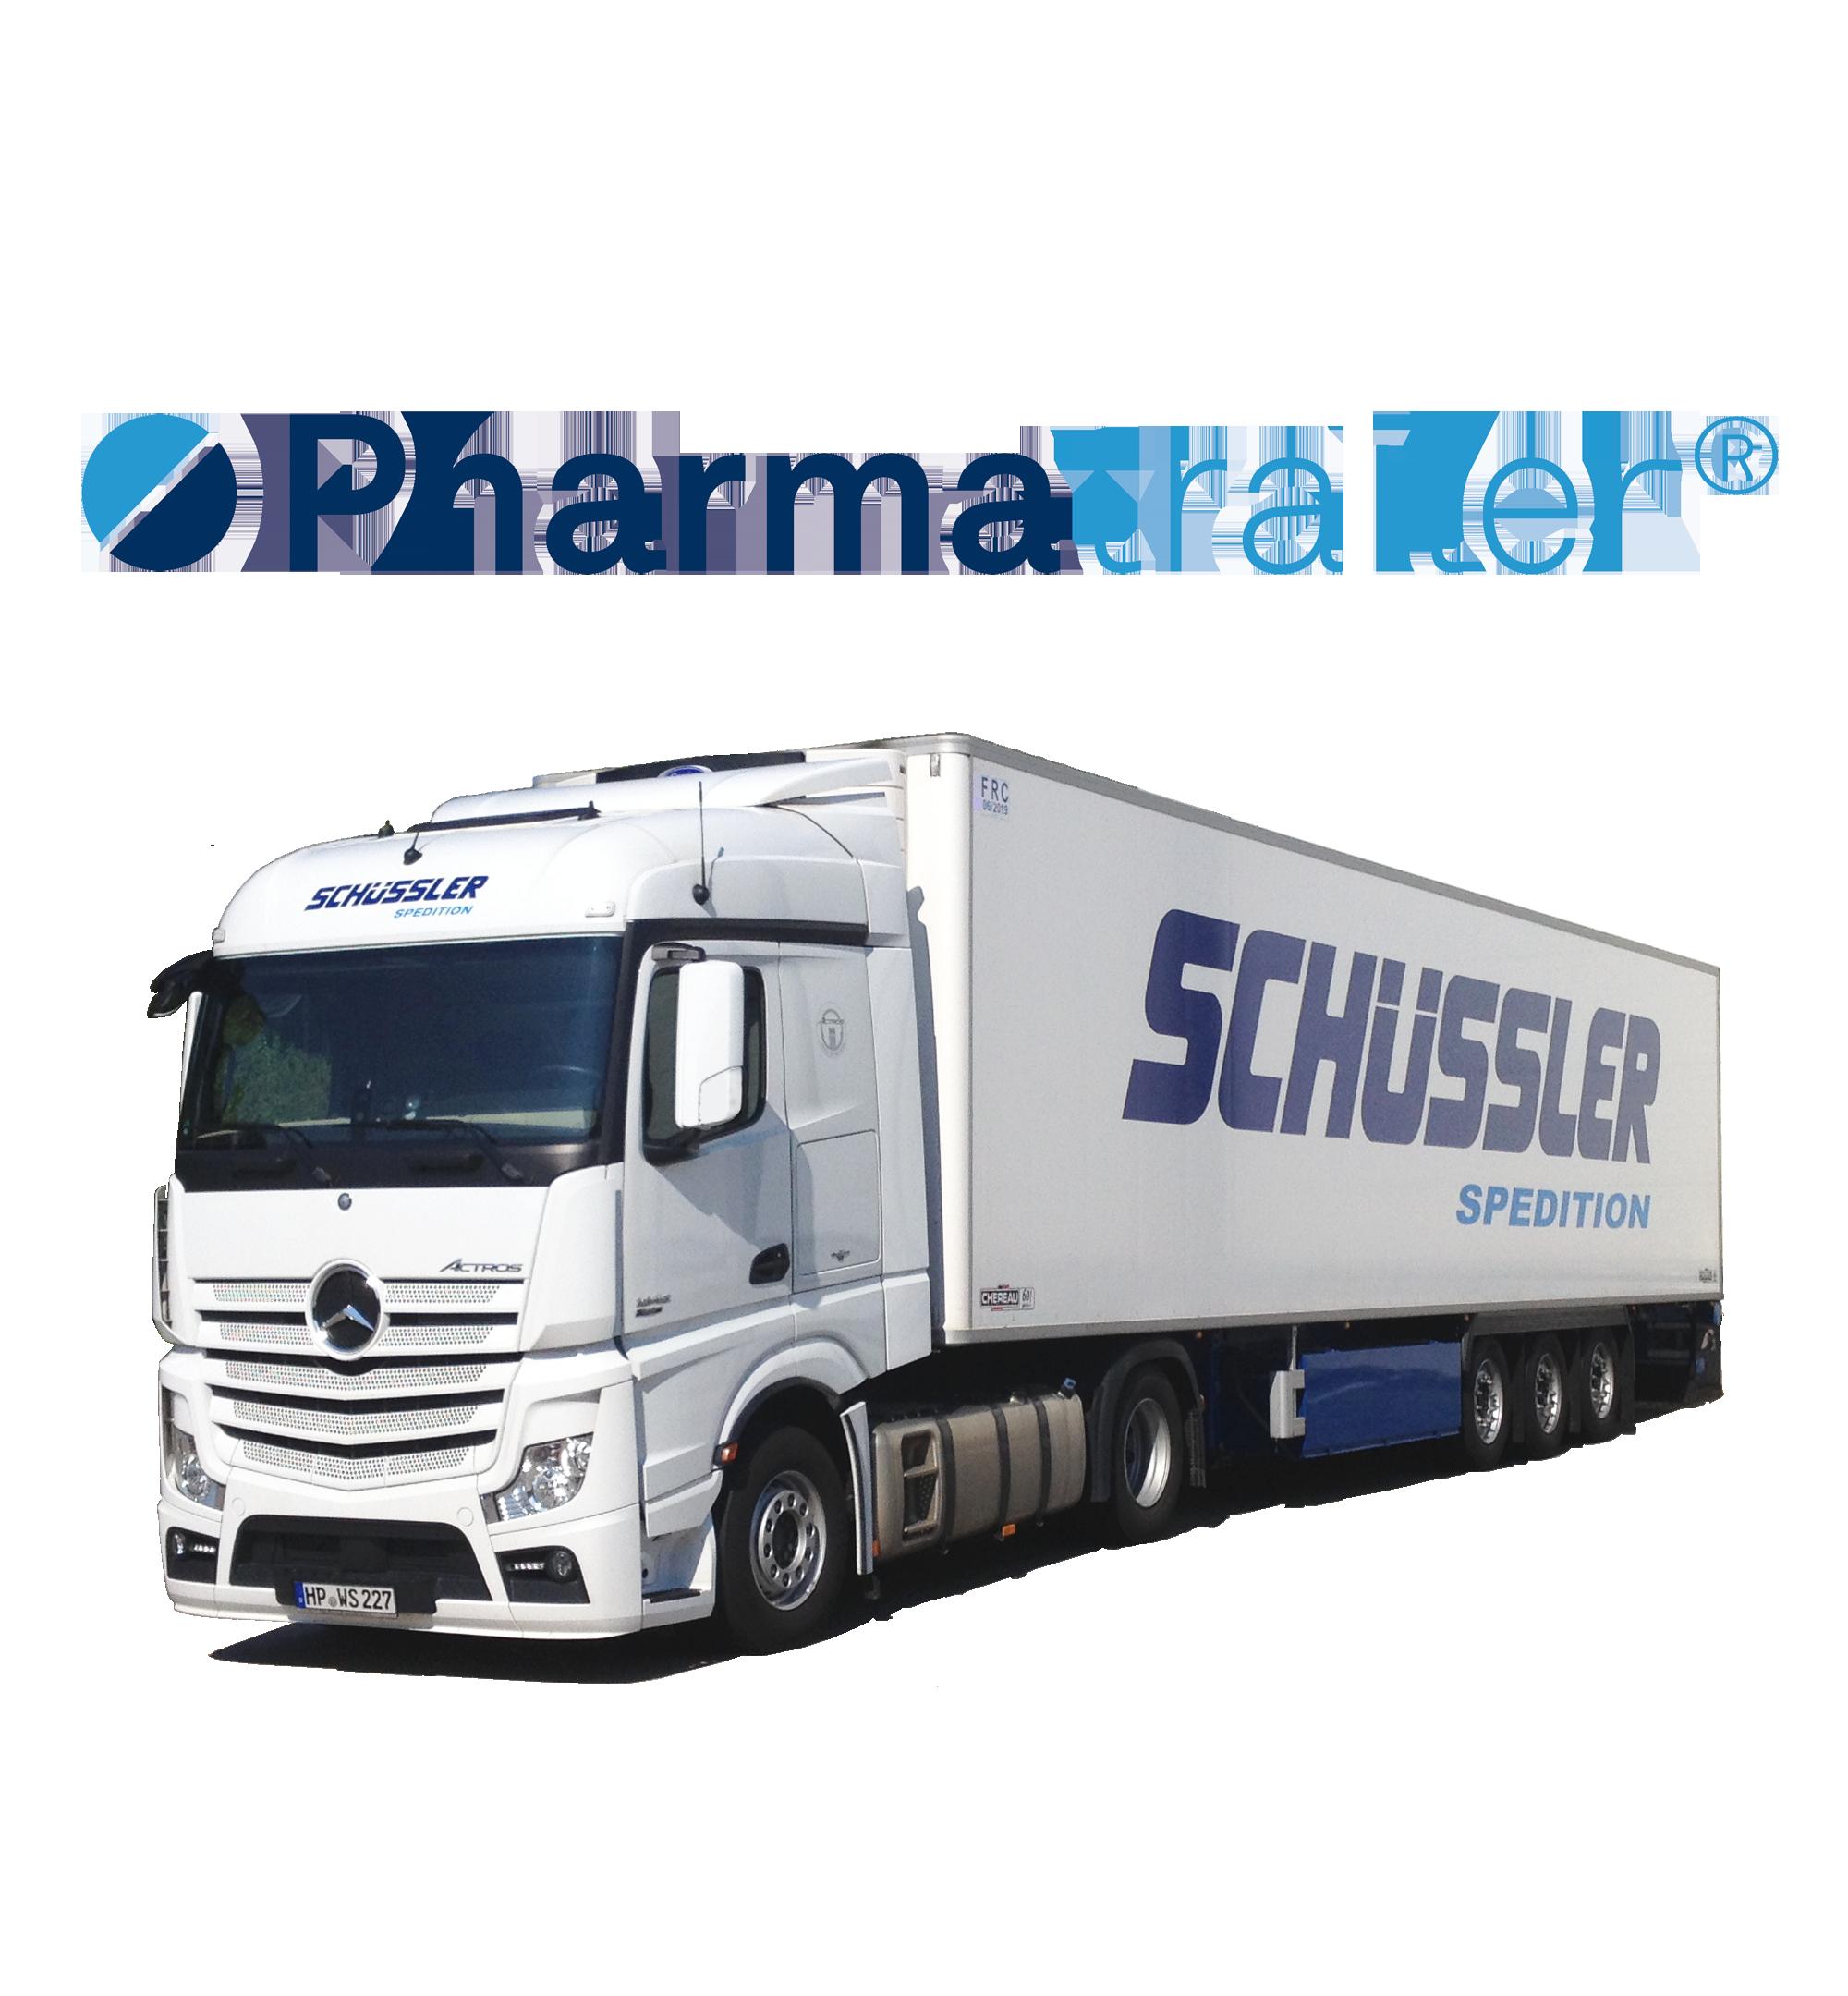 Pharmatrailer 2013